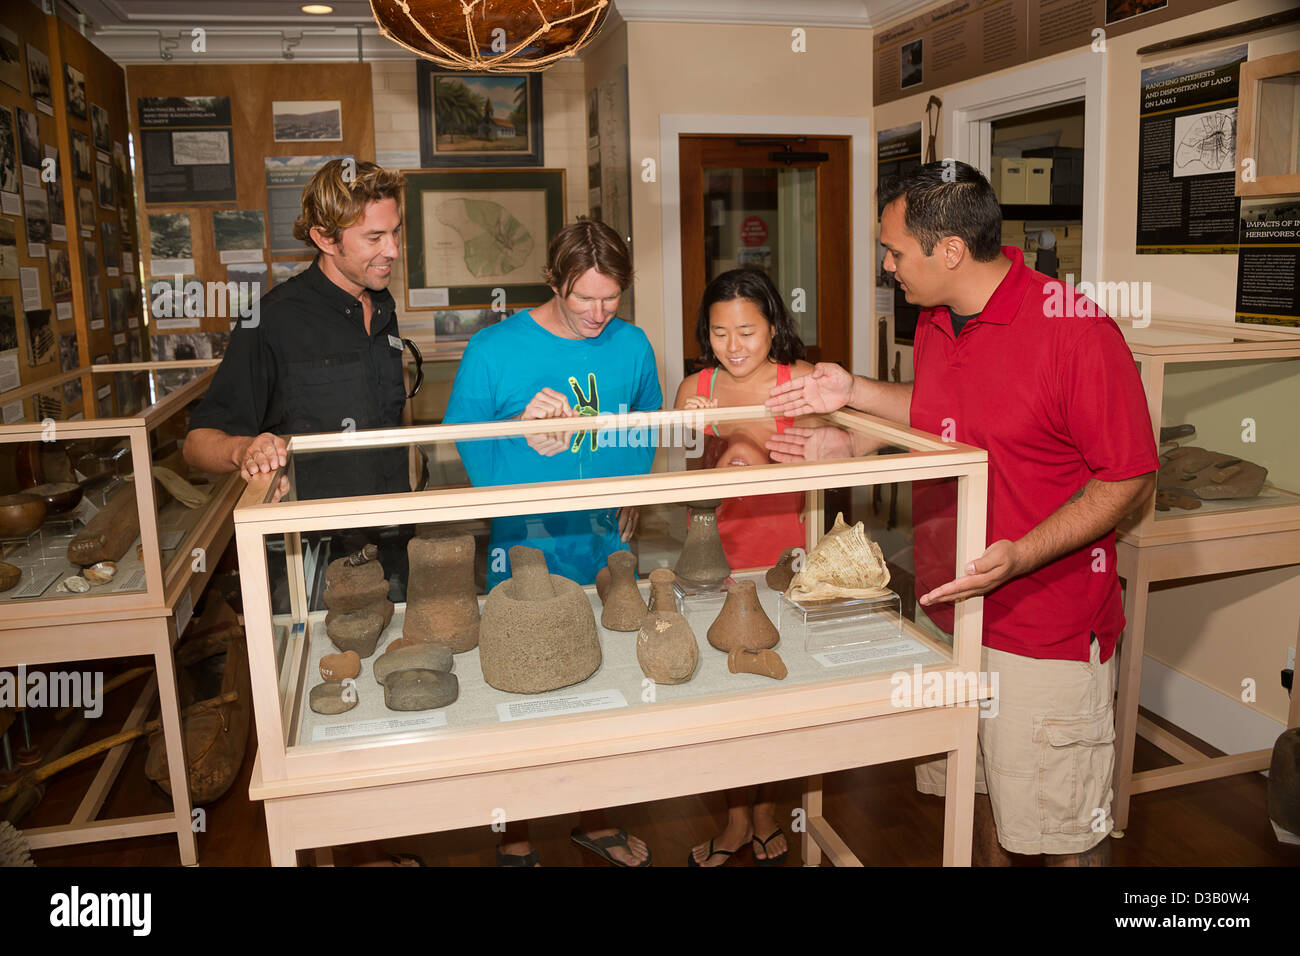 Un guide et touristes visitent le centre de la Culture et du patrimoine Lanai à Lanai City, île de Lanai, Photo Stock